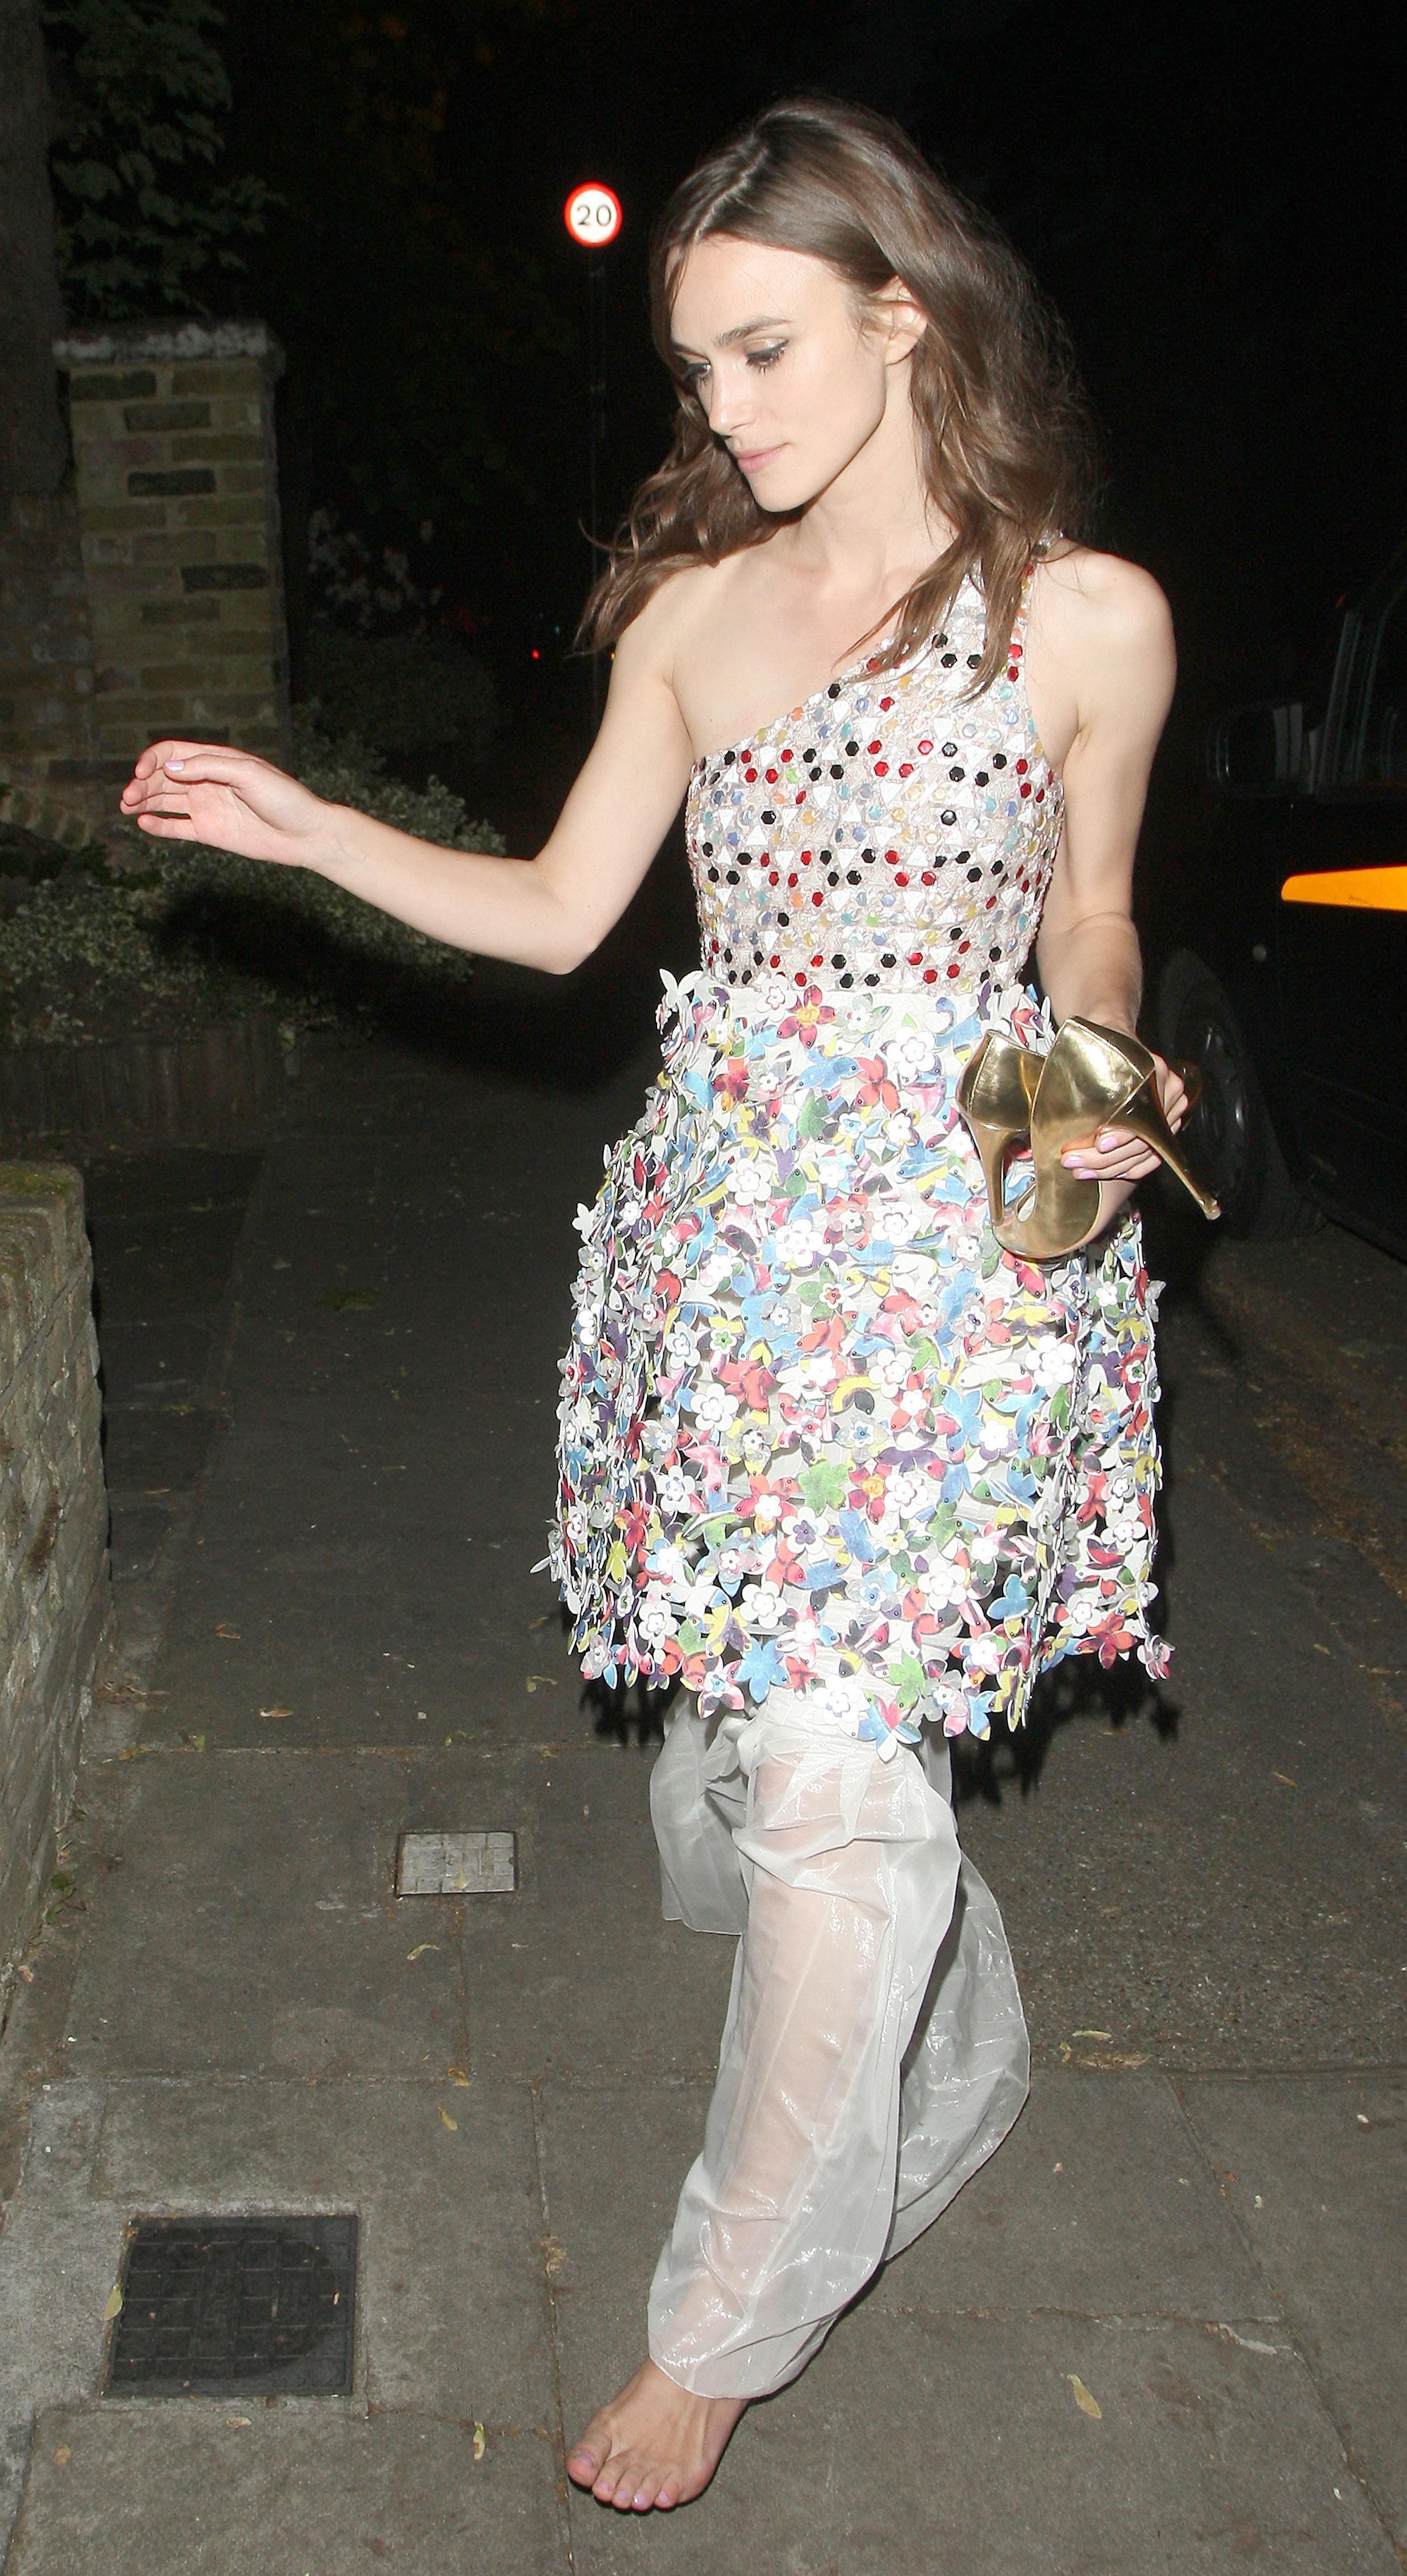 http://pics.wikifeet.com/Keira-Knightley-Feet-1385679.jpg